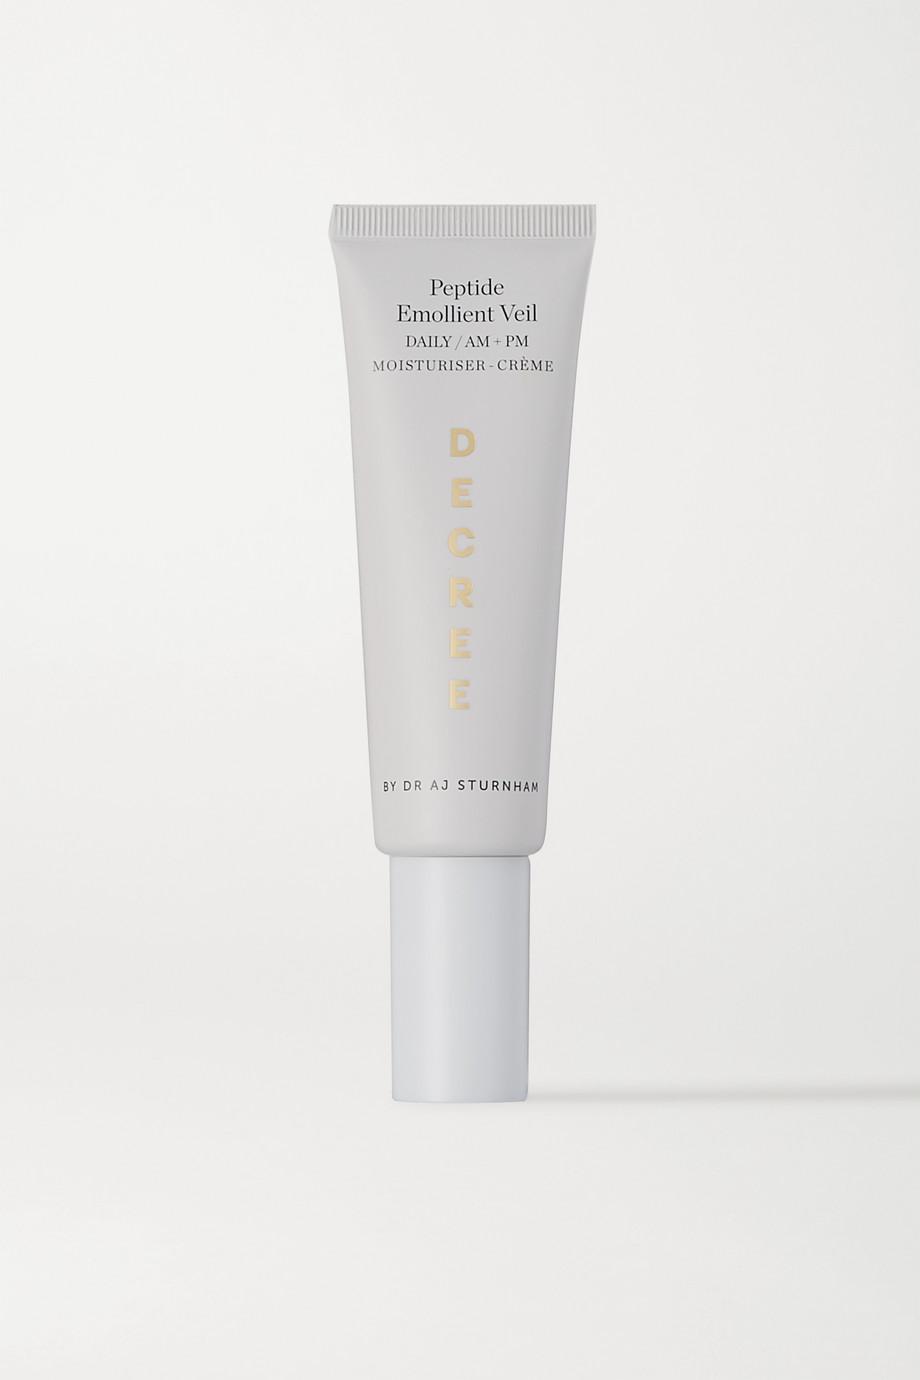 Decree Crème Peptide Emollient Veil, 50 ml